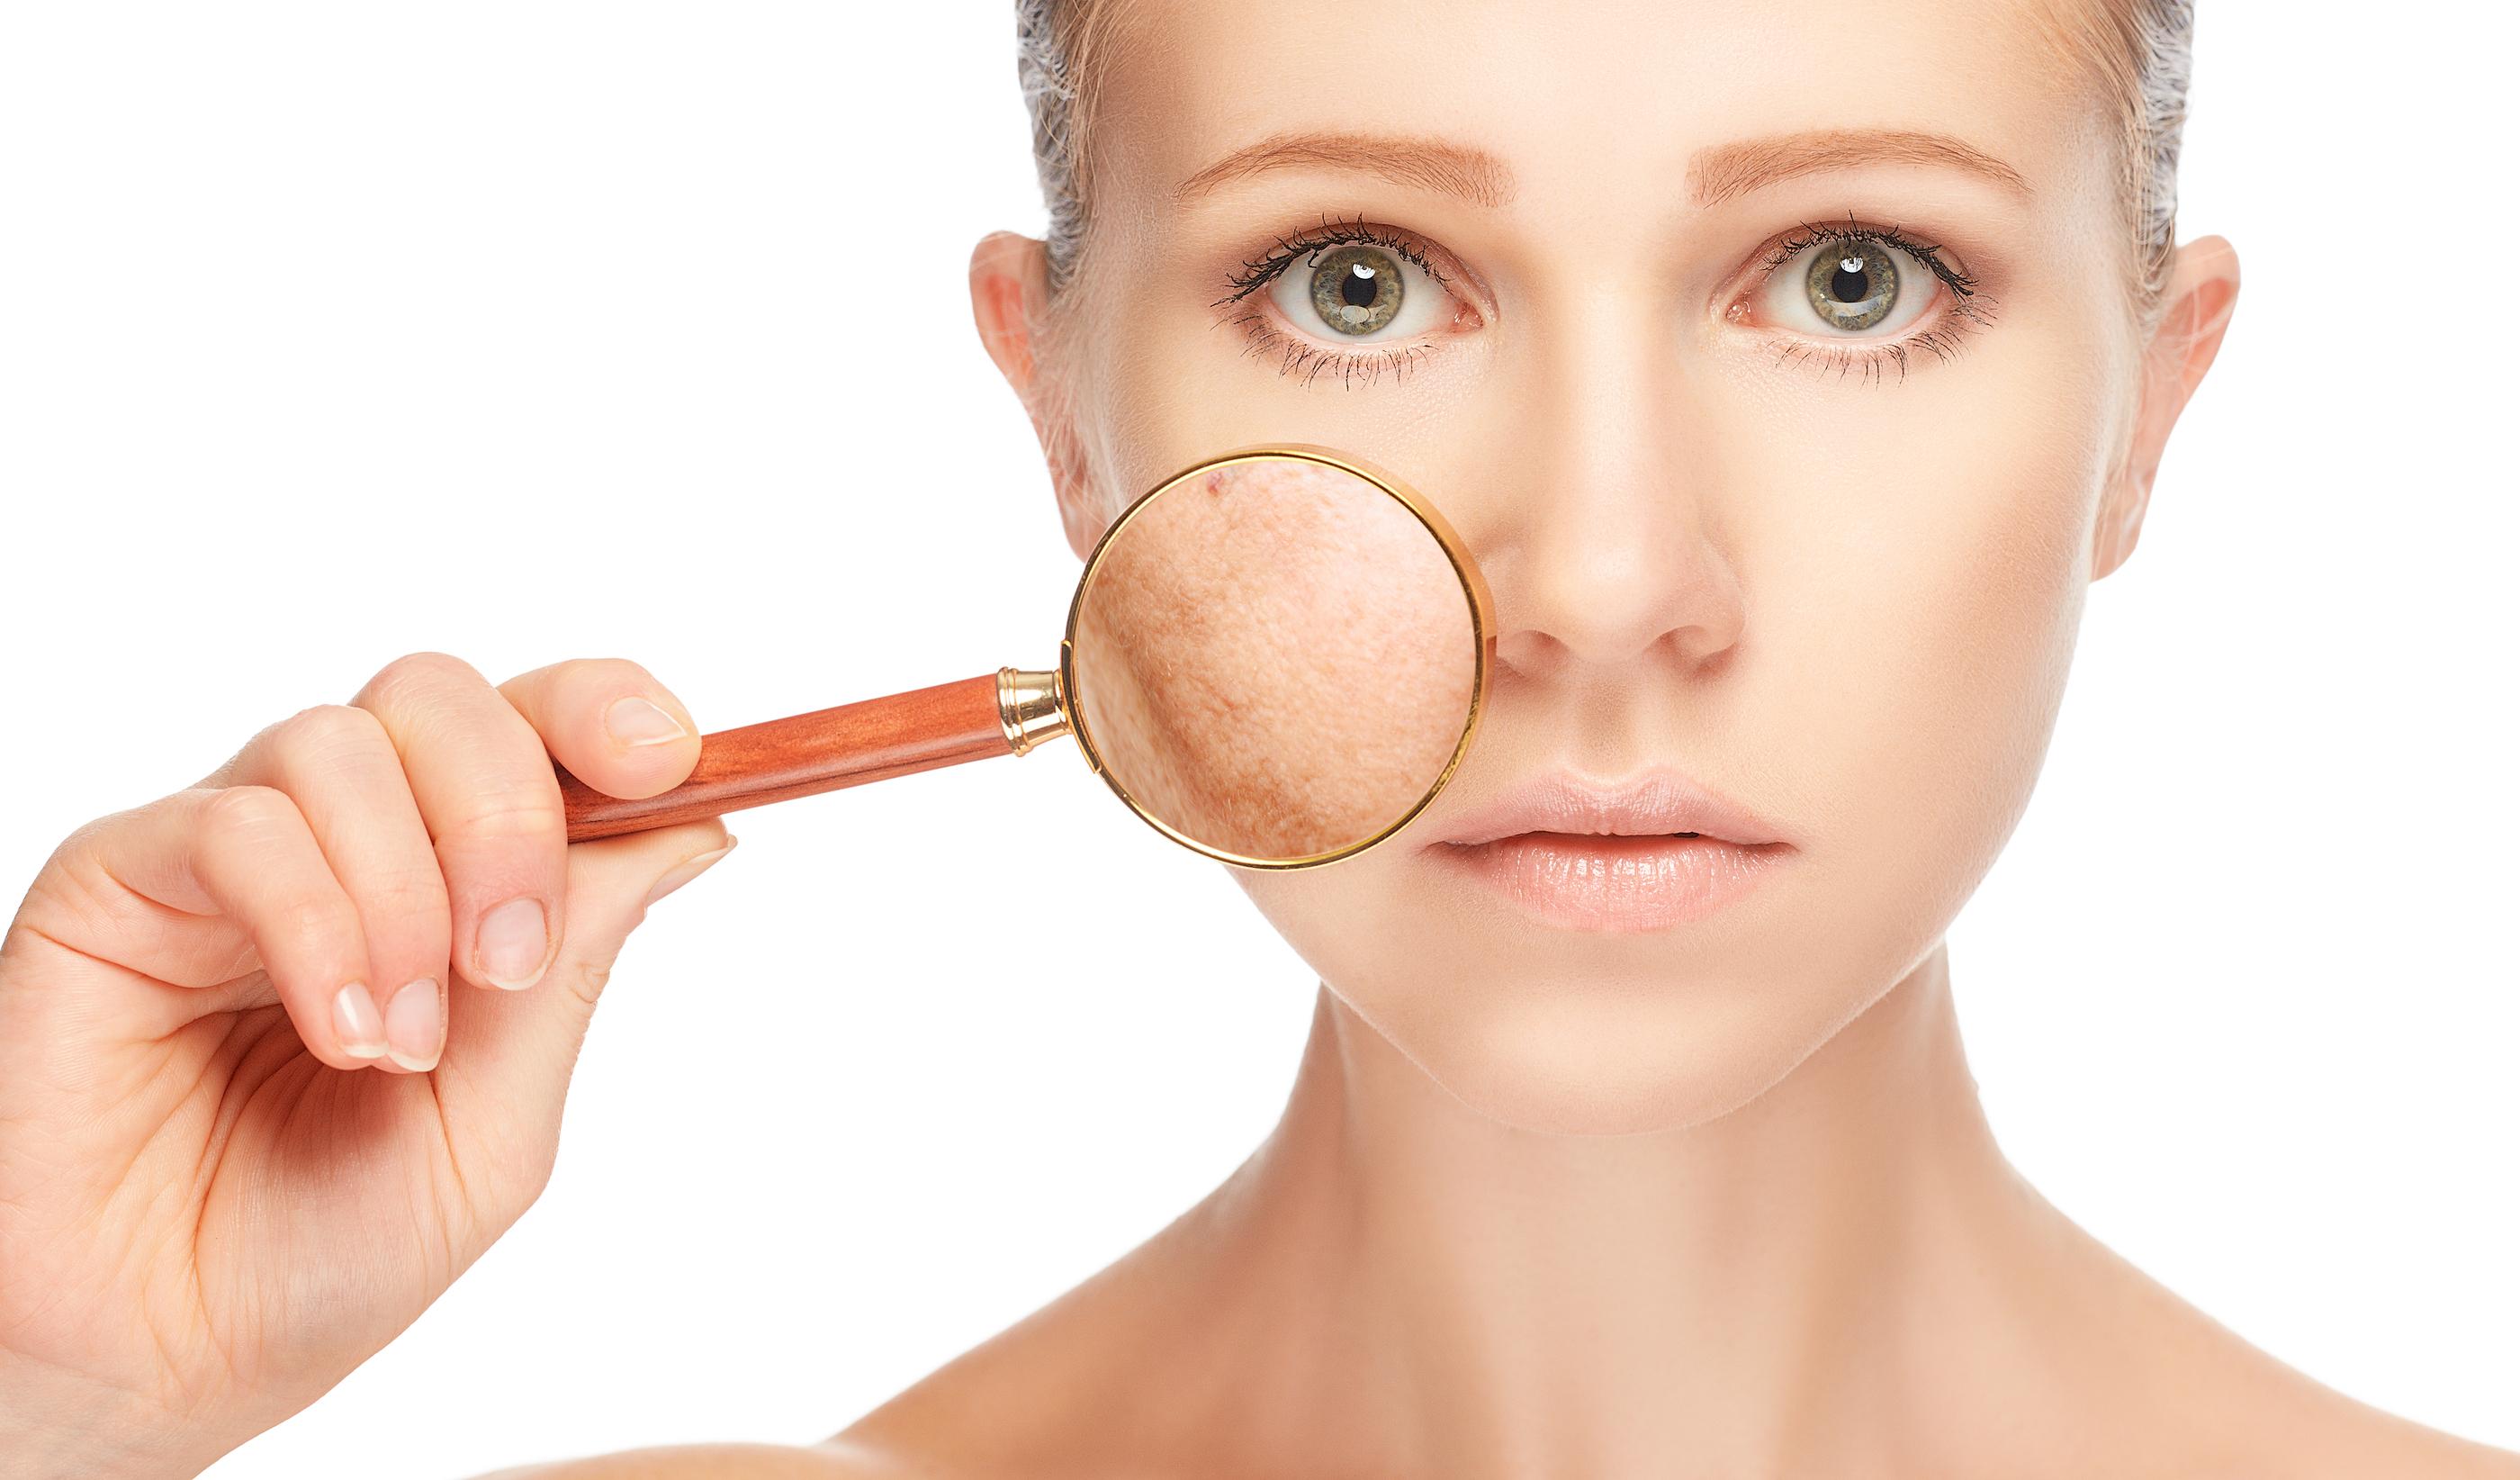 Invertir más en productos de cuidado de la piel, no tanto en maquillaje 14